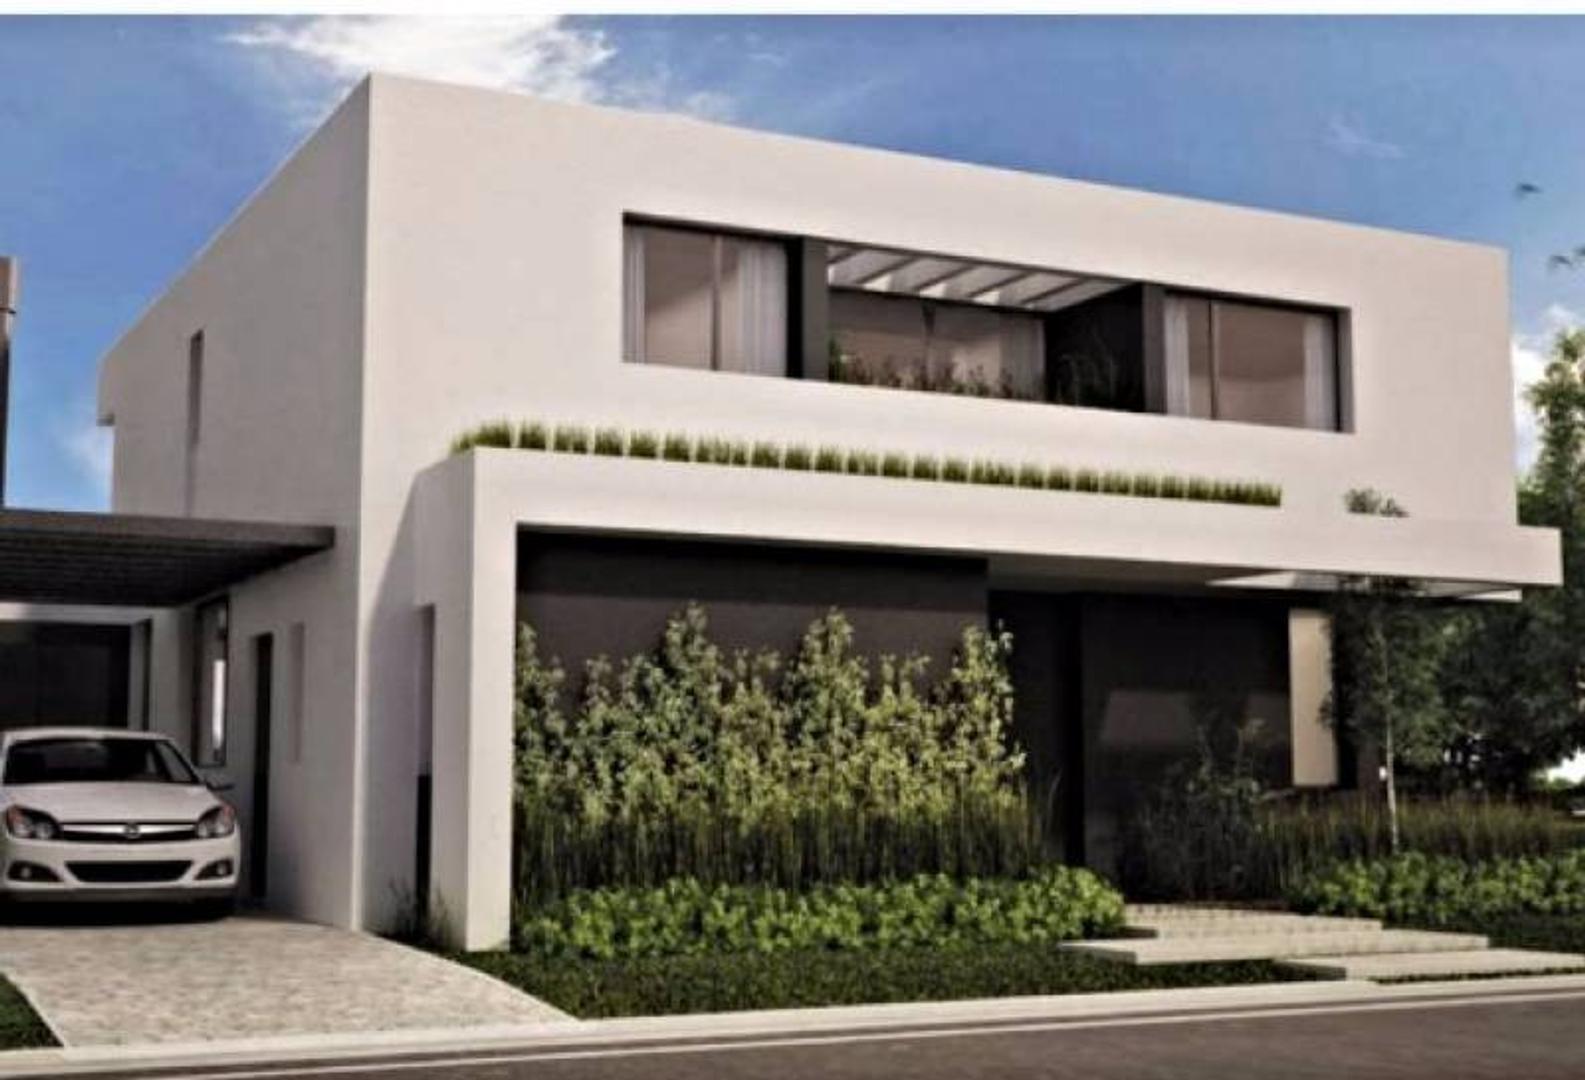 Casa de mucho diseño y calidad en venta en Nordelta!